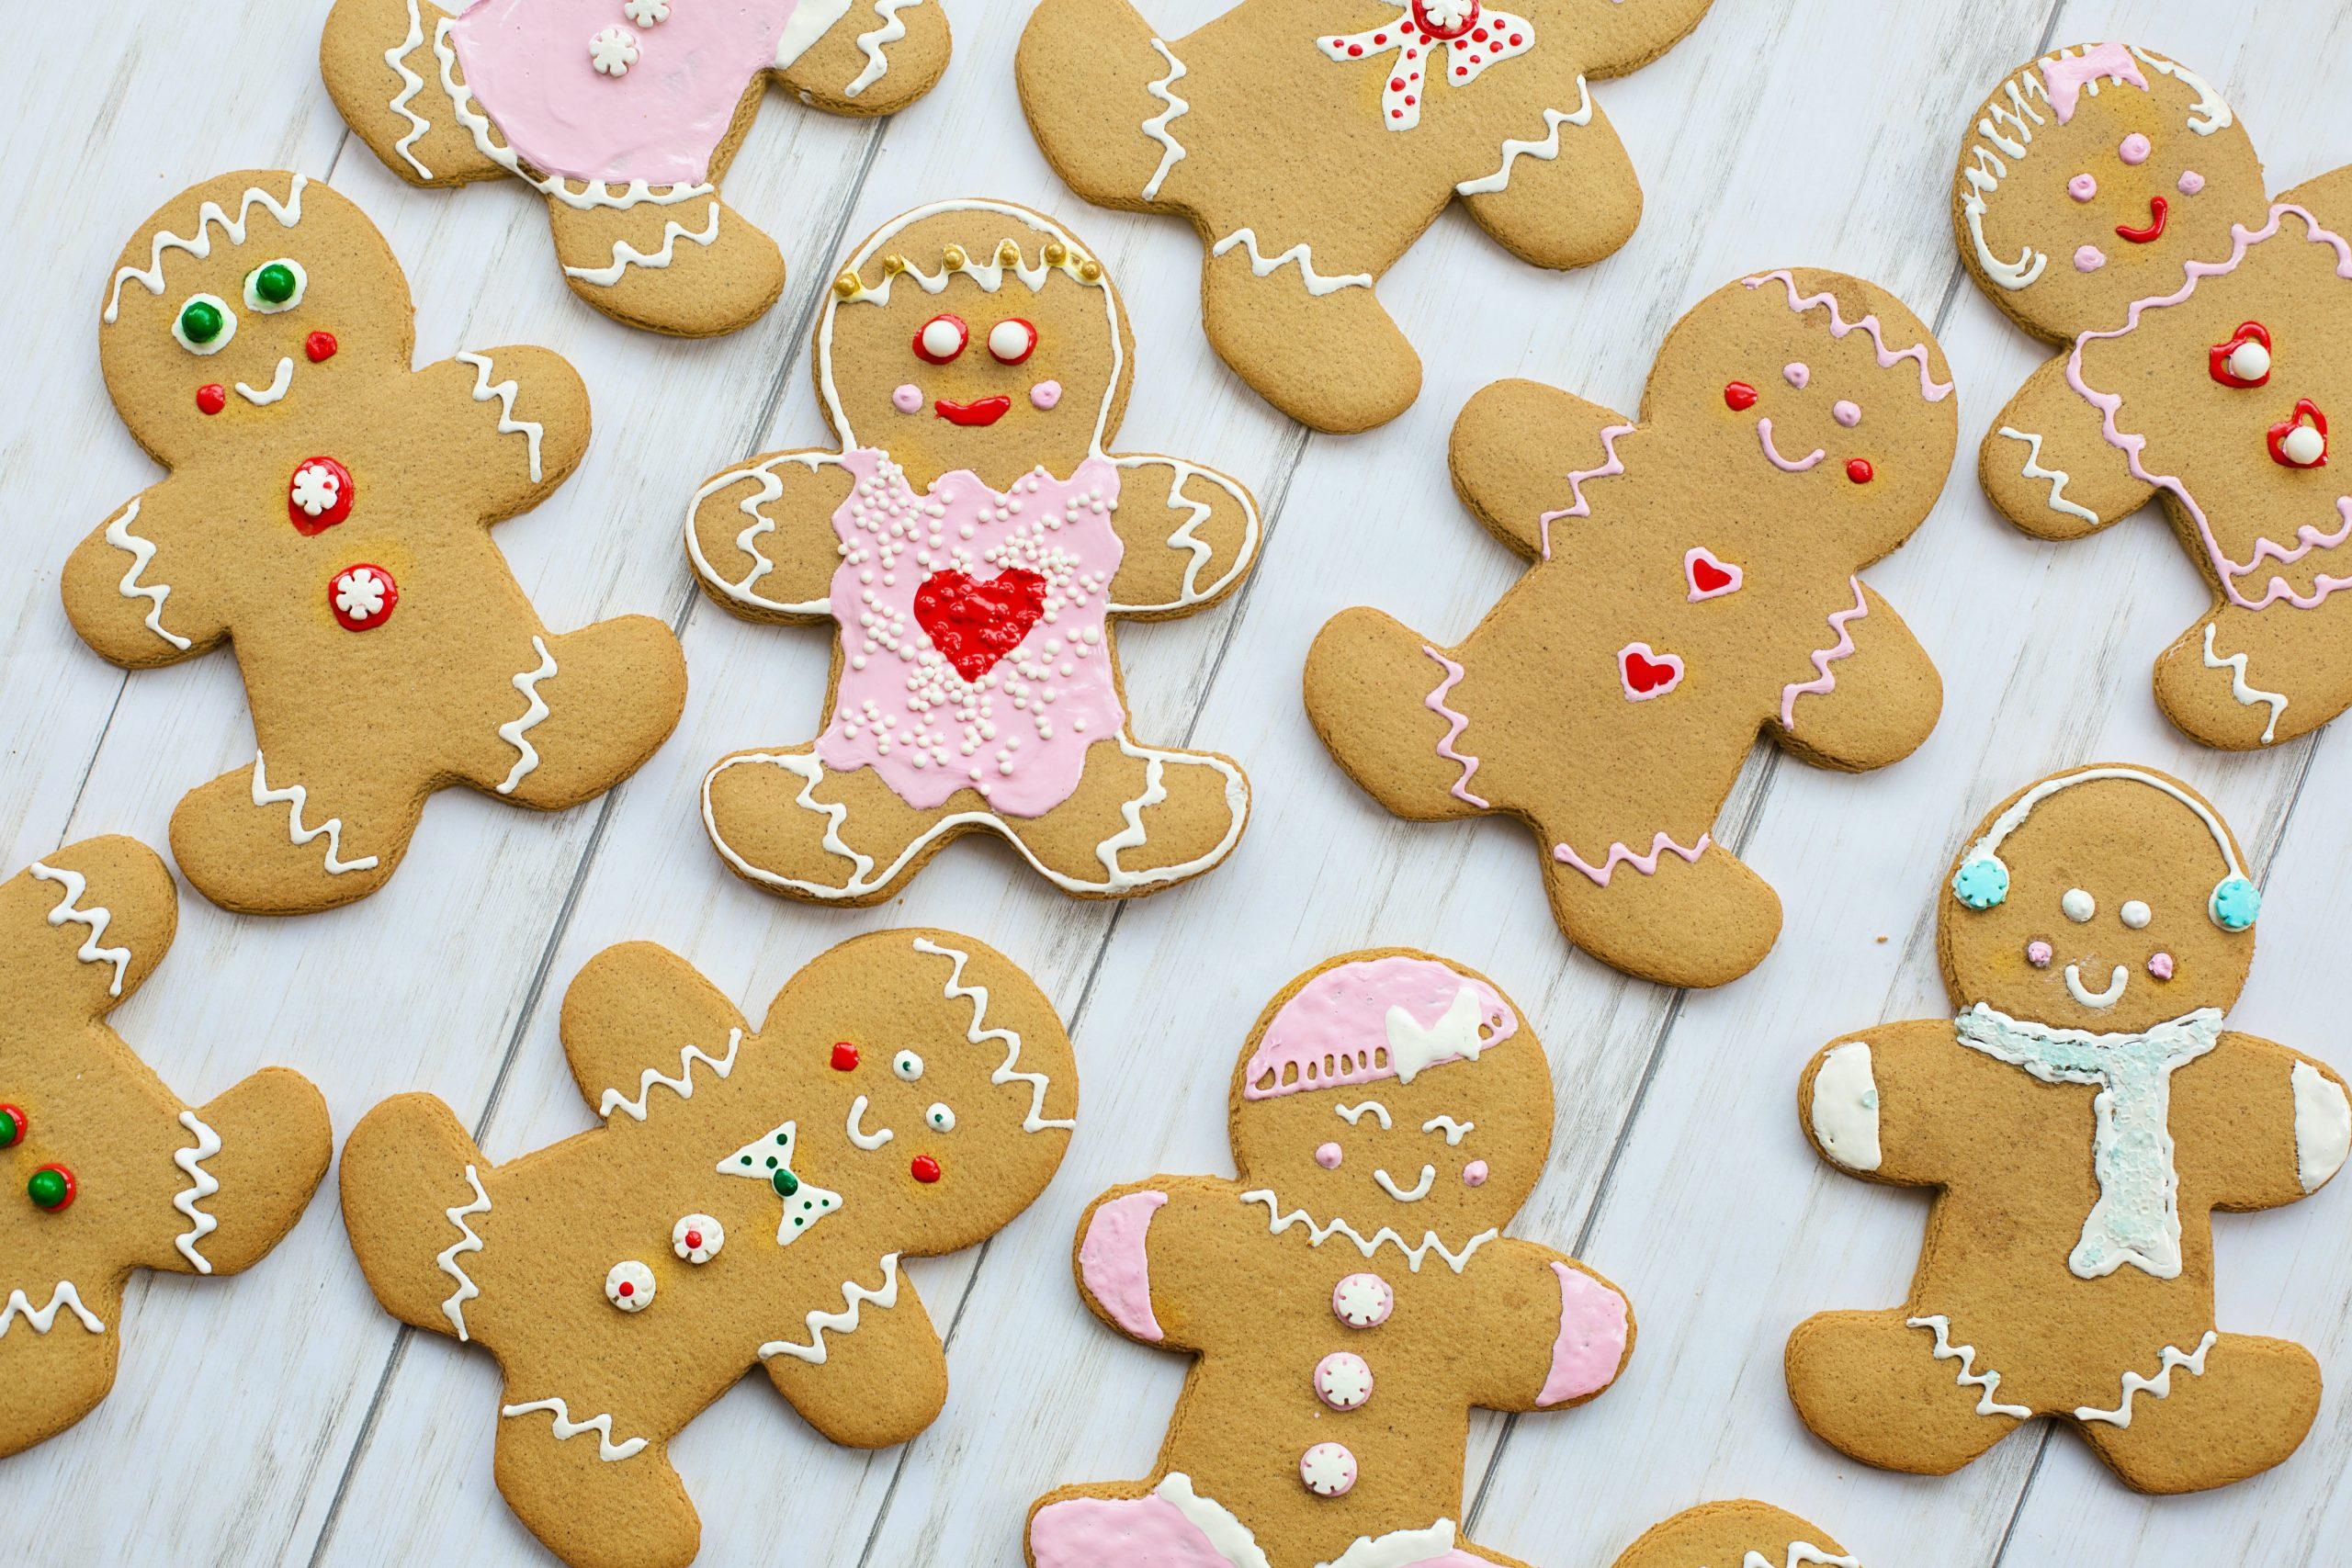 Prepara unas deliciosas galletas navideñas de jengibre sin gluten